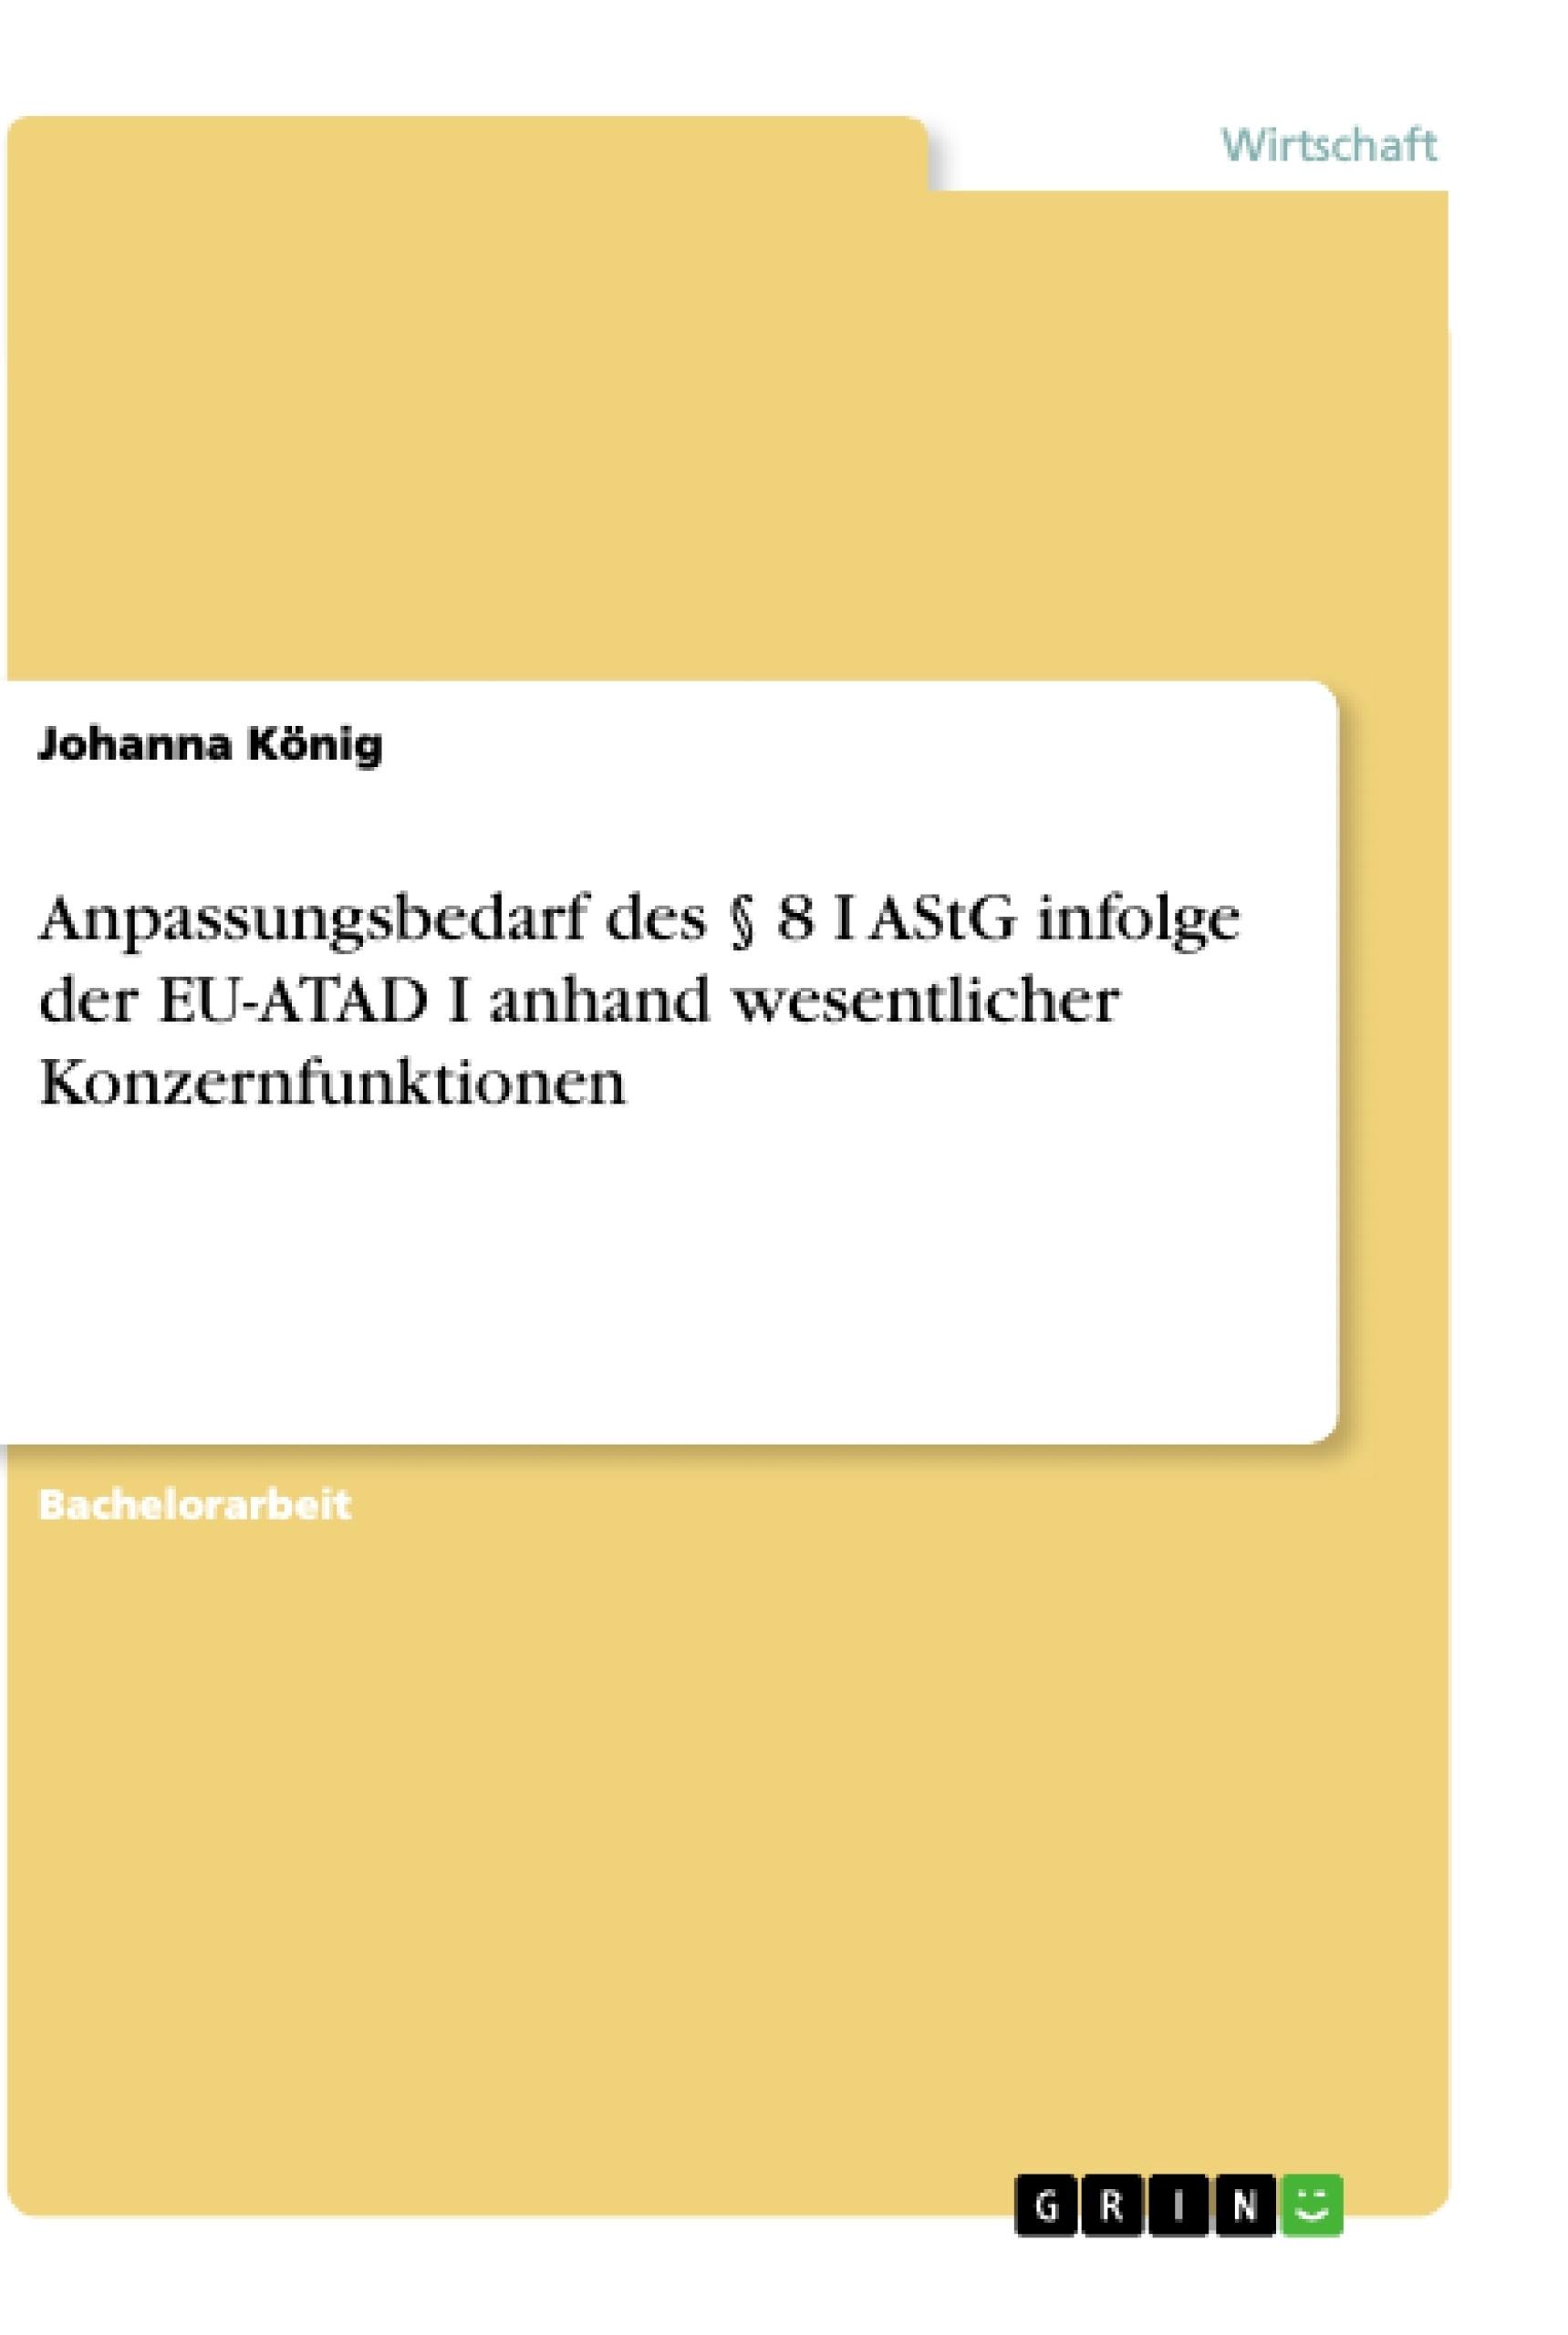 Titel: Anpassungsbedarf des § 8 I AStG infolge der EU-ATAD I anhand wesentlicher Konzernfunktionen